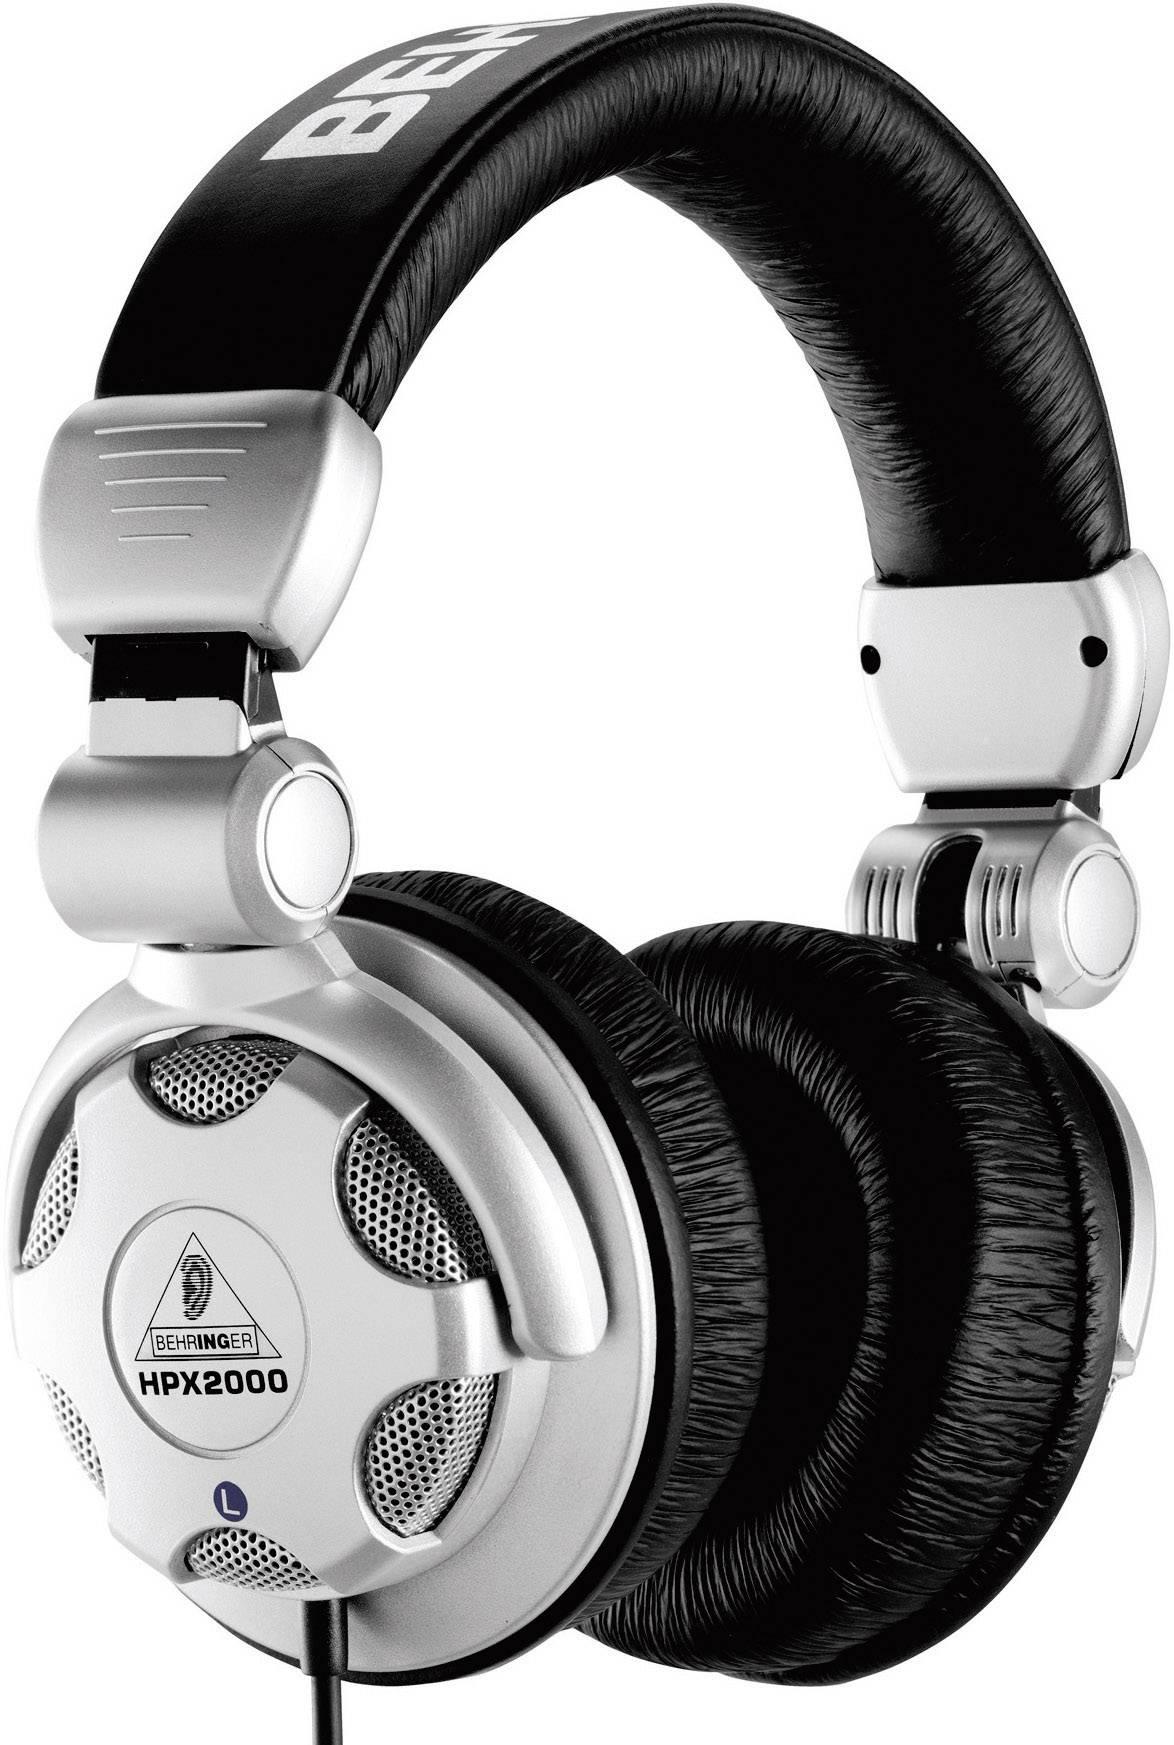 DJ slúchadlá Behringer HPX2000 HPX2000, strieborná, čierna